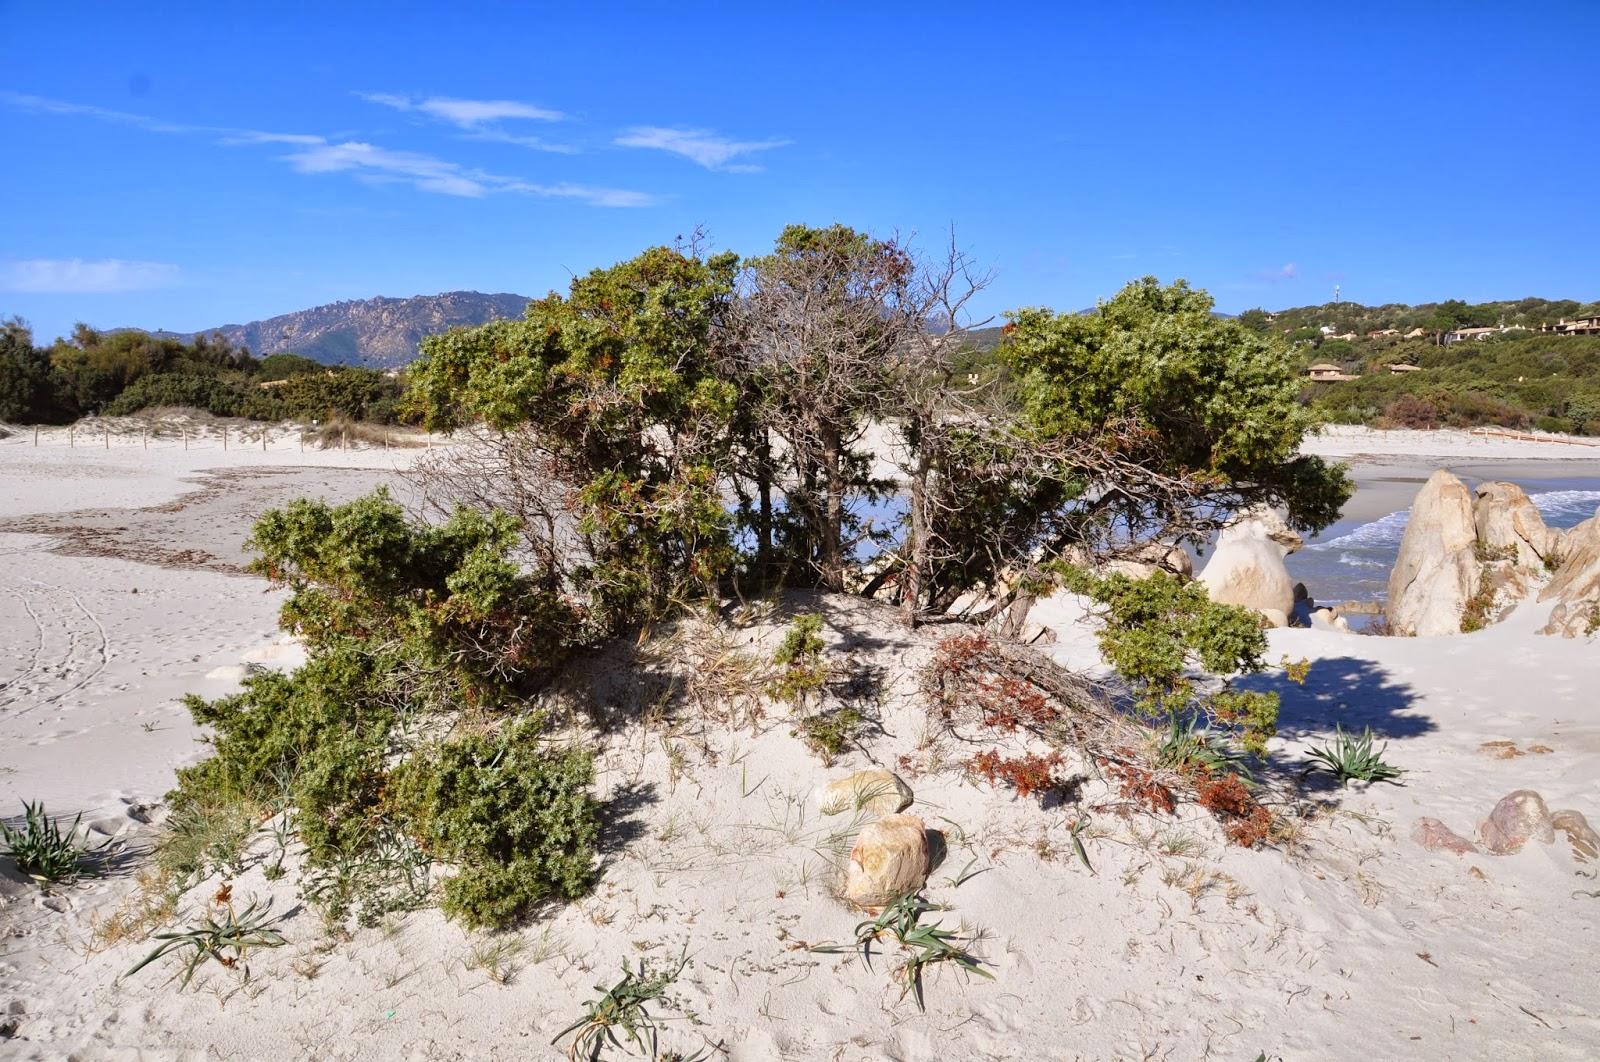 La vegetazione della spiaggia